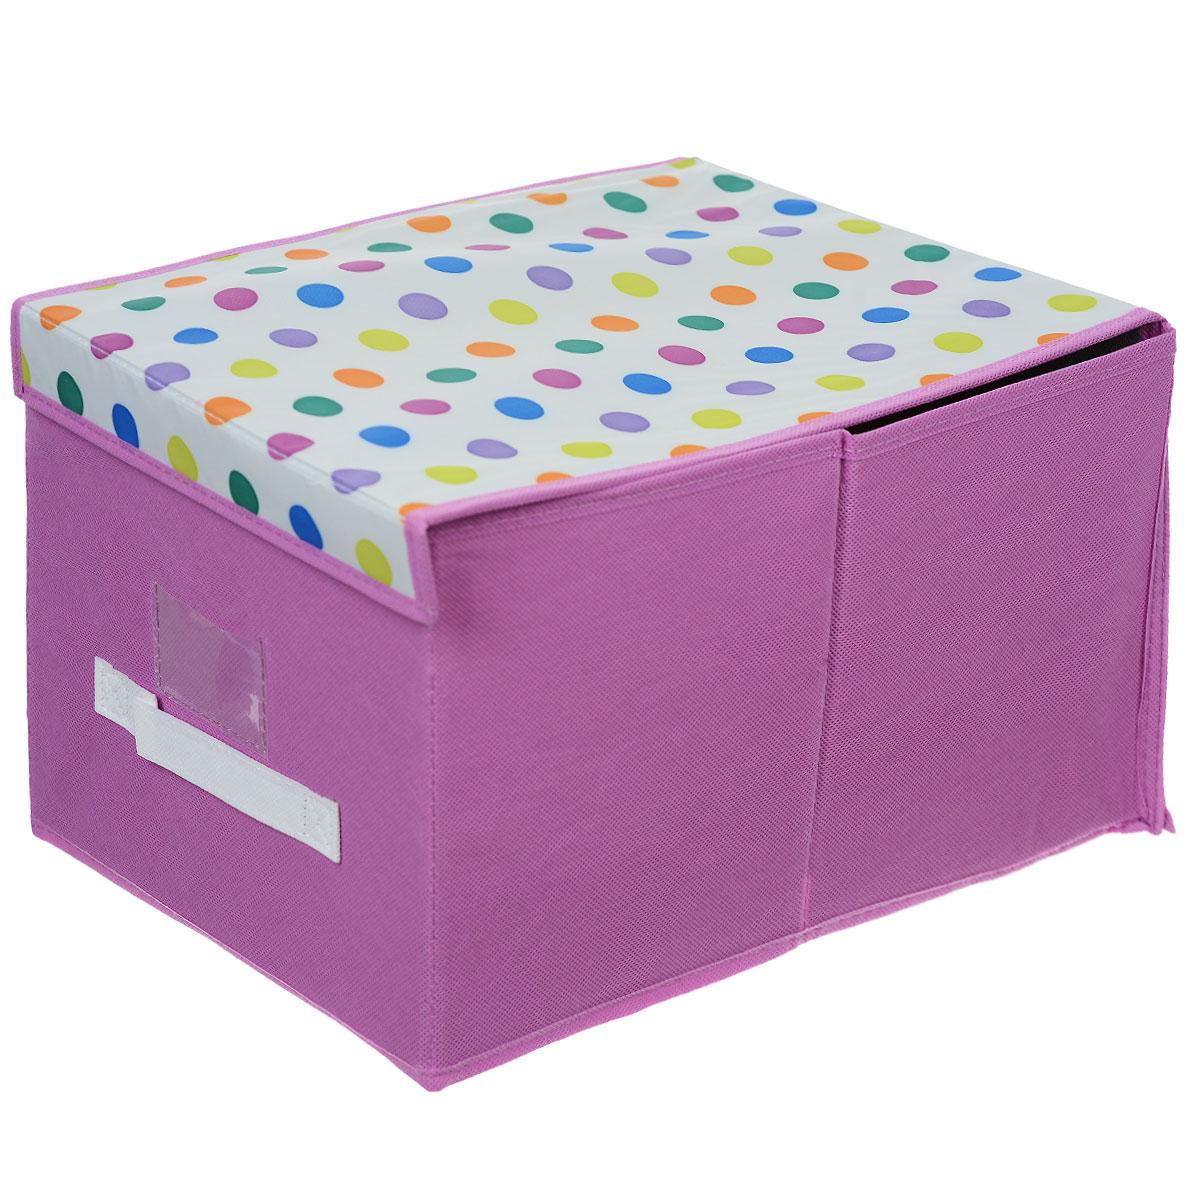 Чехол-коробка Voila Кидс, цвет: сиреневый, белый, 30 х 40 х 25 смCOVLSCBY12K_сиреневый, белыйЧехол-коробка Voila Кидс поможет легко и красиво организовать пространство в детской комнате. Изделие выполнено из полиэстера и нетканого материала, прочность каркаса обеспечивается наличием внутри плотных и толстых листов картона. Чехол-коробка закрывается крышкой на две липучки, что поможет защитить вещи от пыли и грязи. Сбоку имеется ручка.Такой чехол идеально подойдет для хранения игрушек и детских вещей. Яркий дизайн изделия привлечет внимание ребенка и вызовет у него желание самостоятельно убирать игрушки. Складная конструкция обеспечивает компактное хранение.